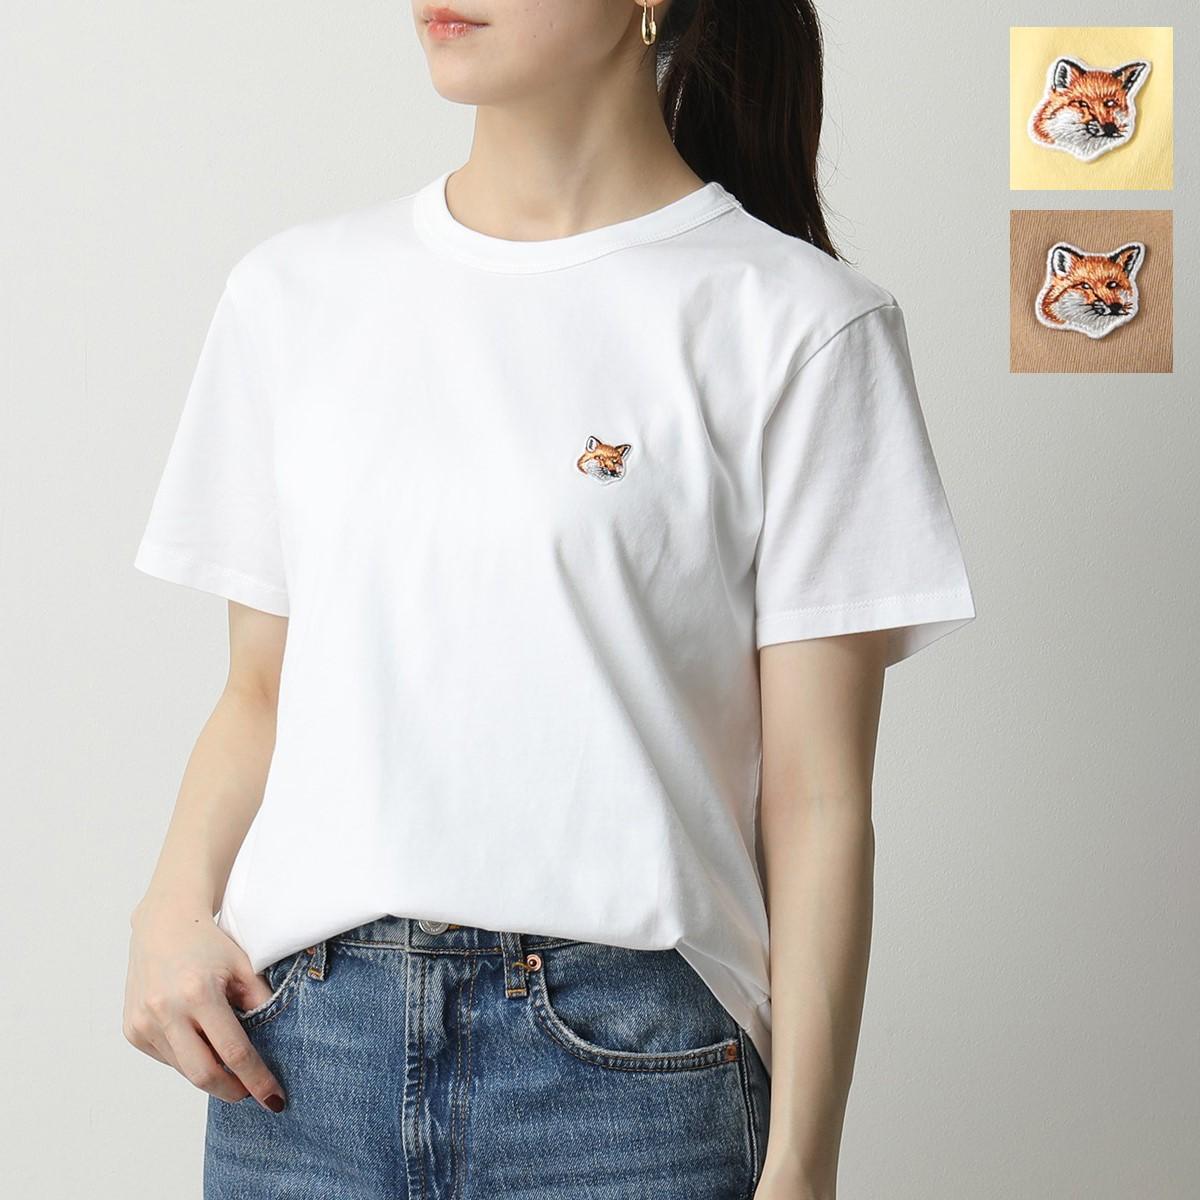 MAISON KITSUNE メゾンキツネ AW00103AT1502 TEE-SHIRT FOX HEAD PATCH クルーネック Tシャツ WHITE/ホワイト レディース